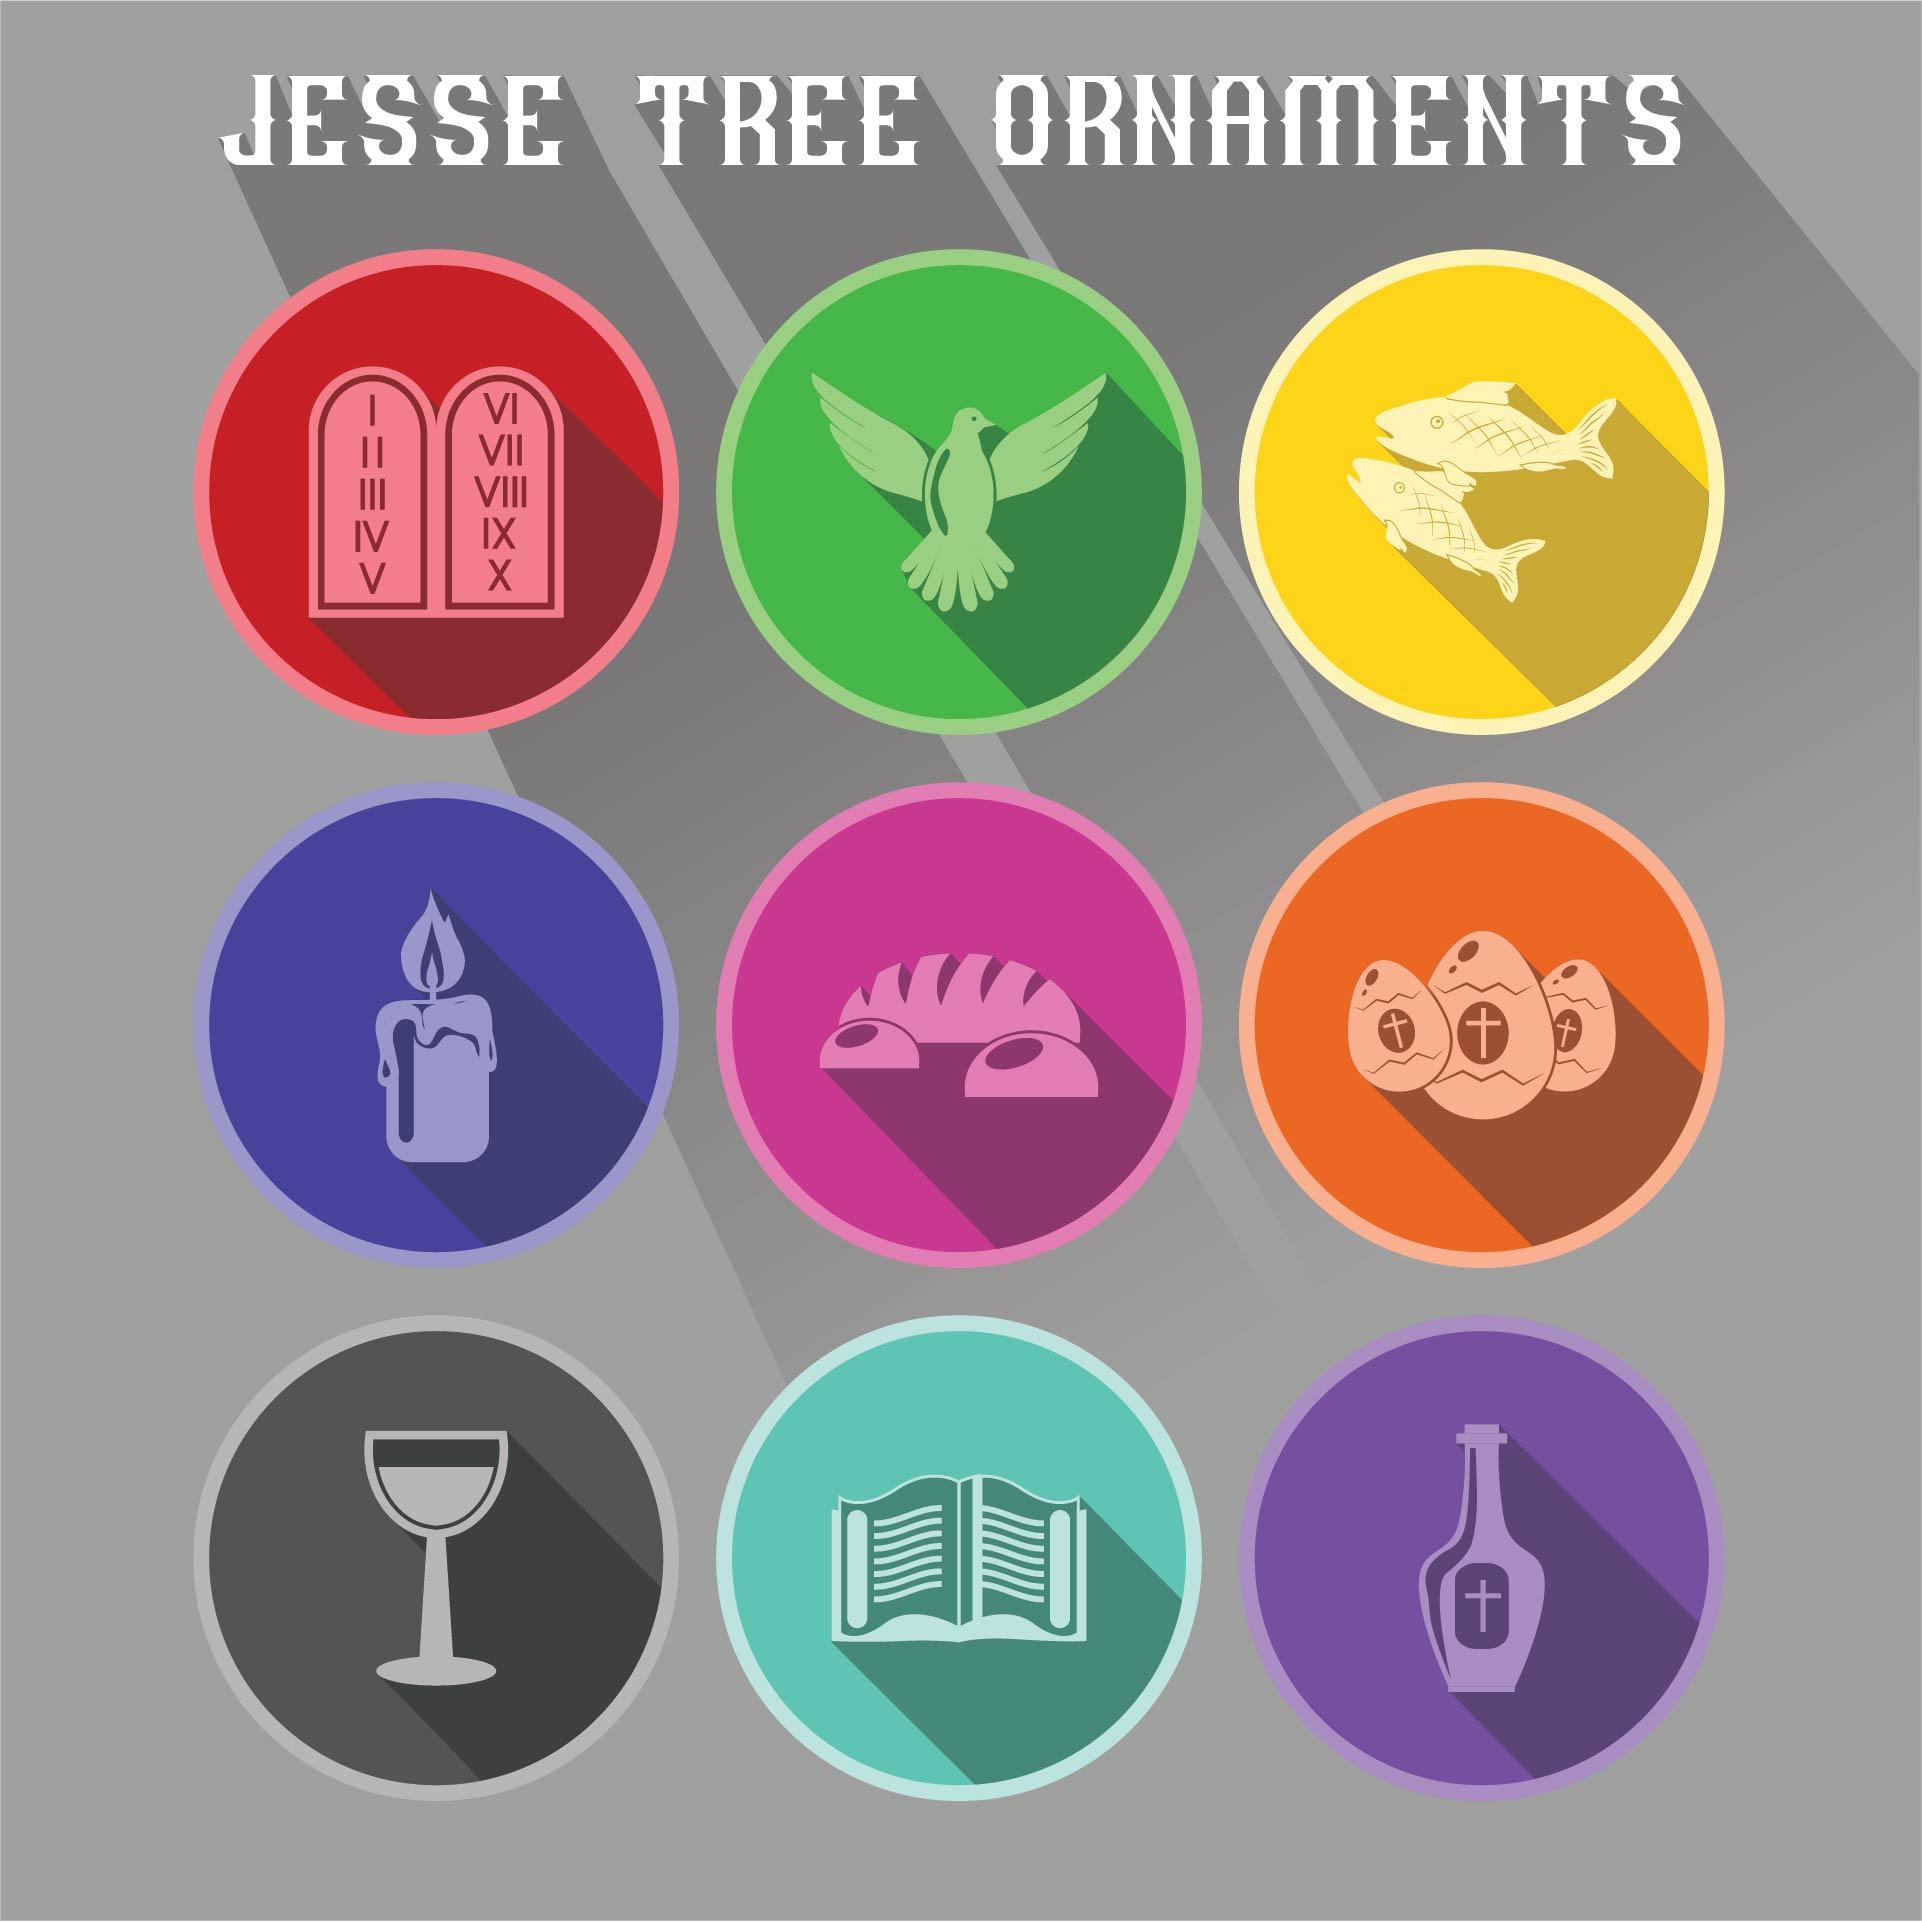 Jesse Tree Paper Ornaments